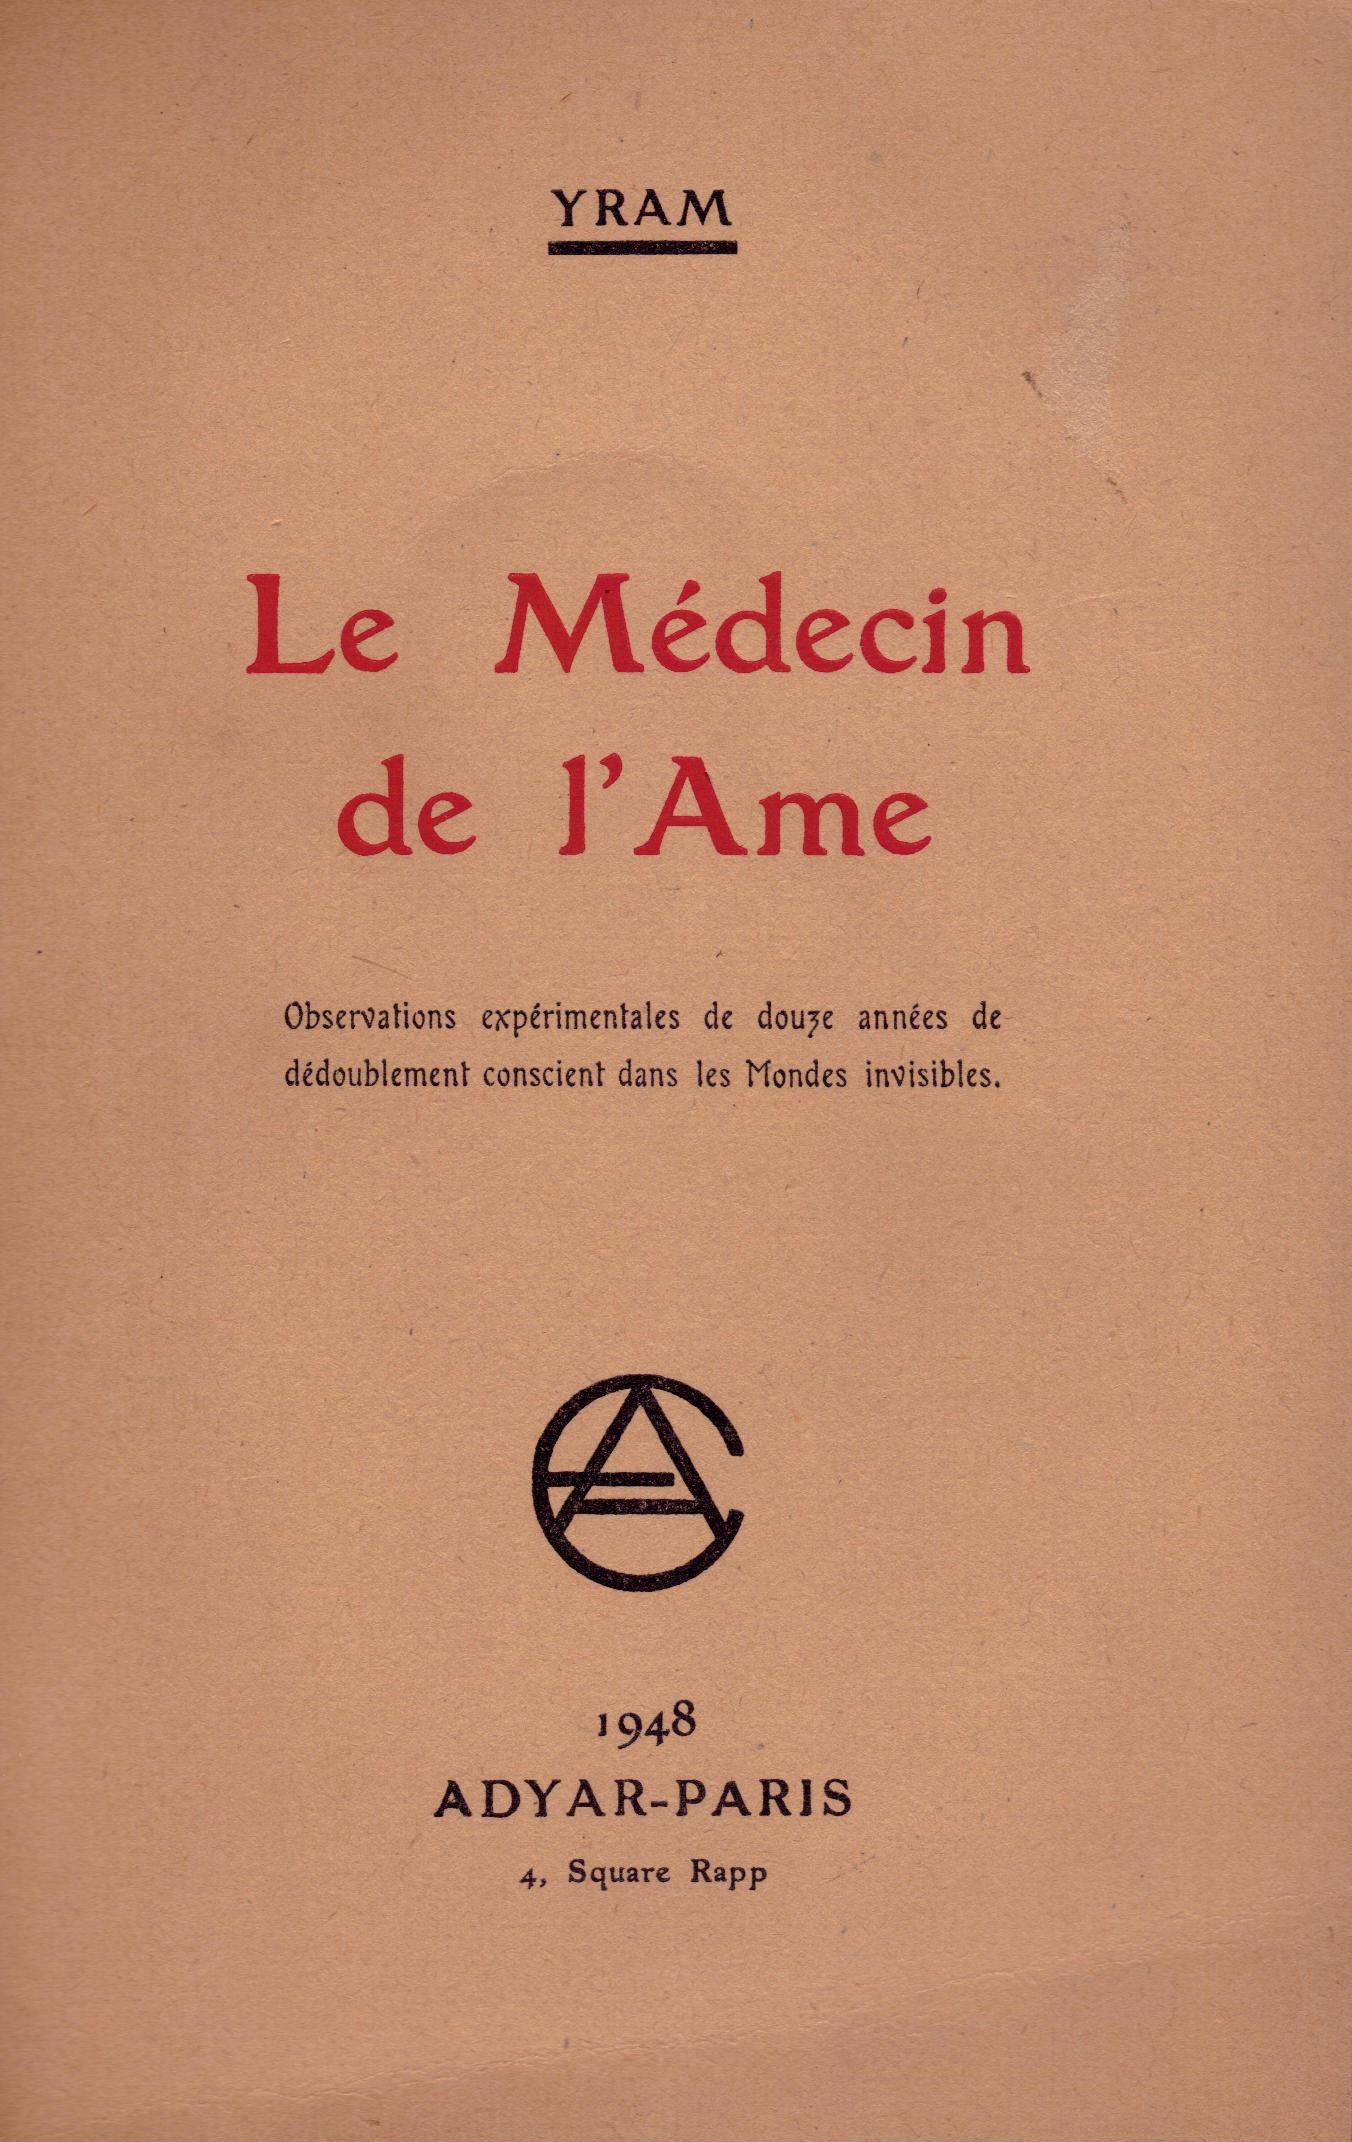 Le Médecin de l'Ame